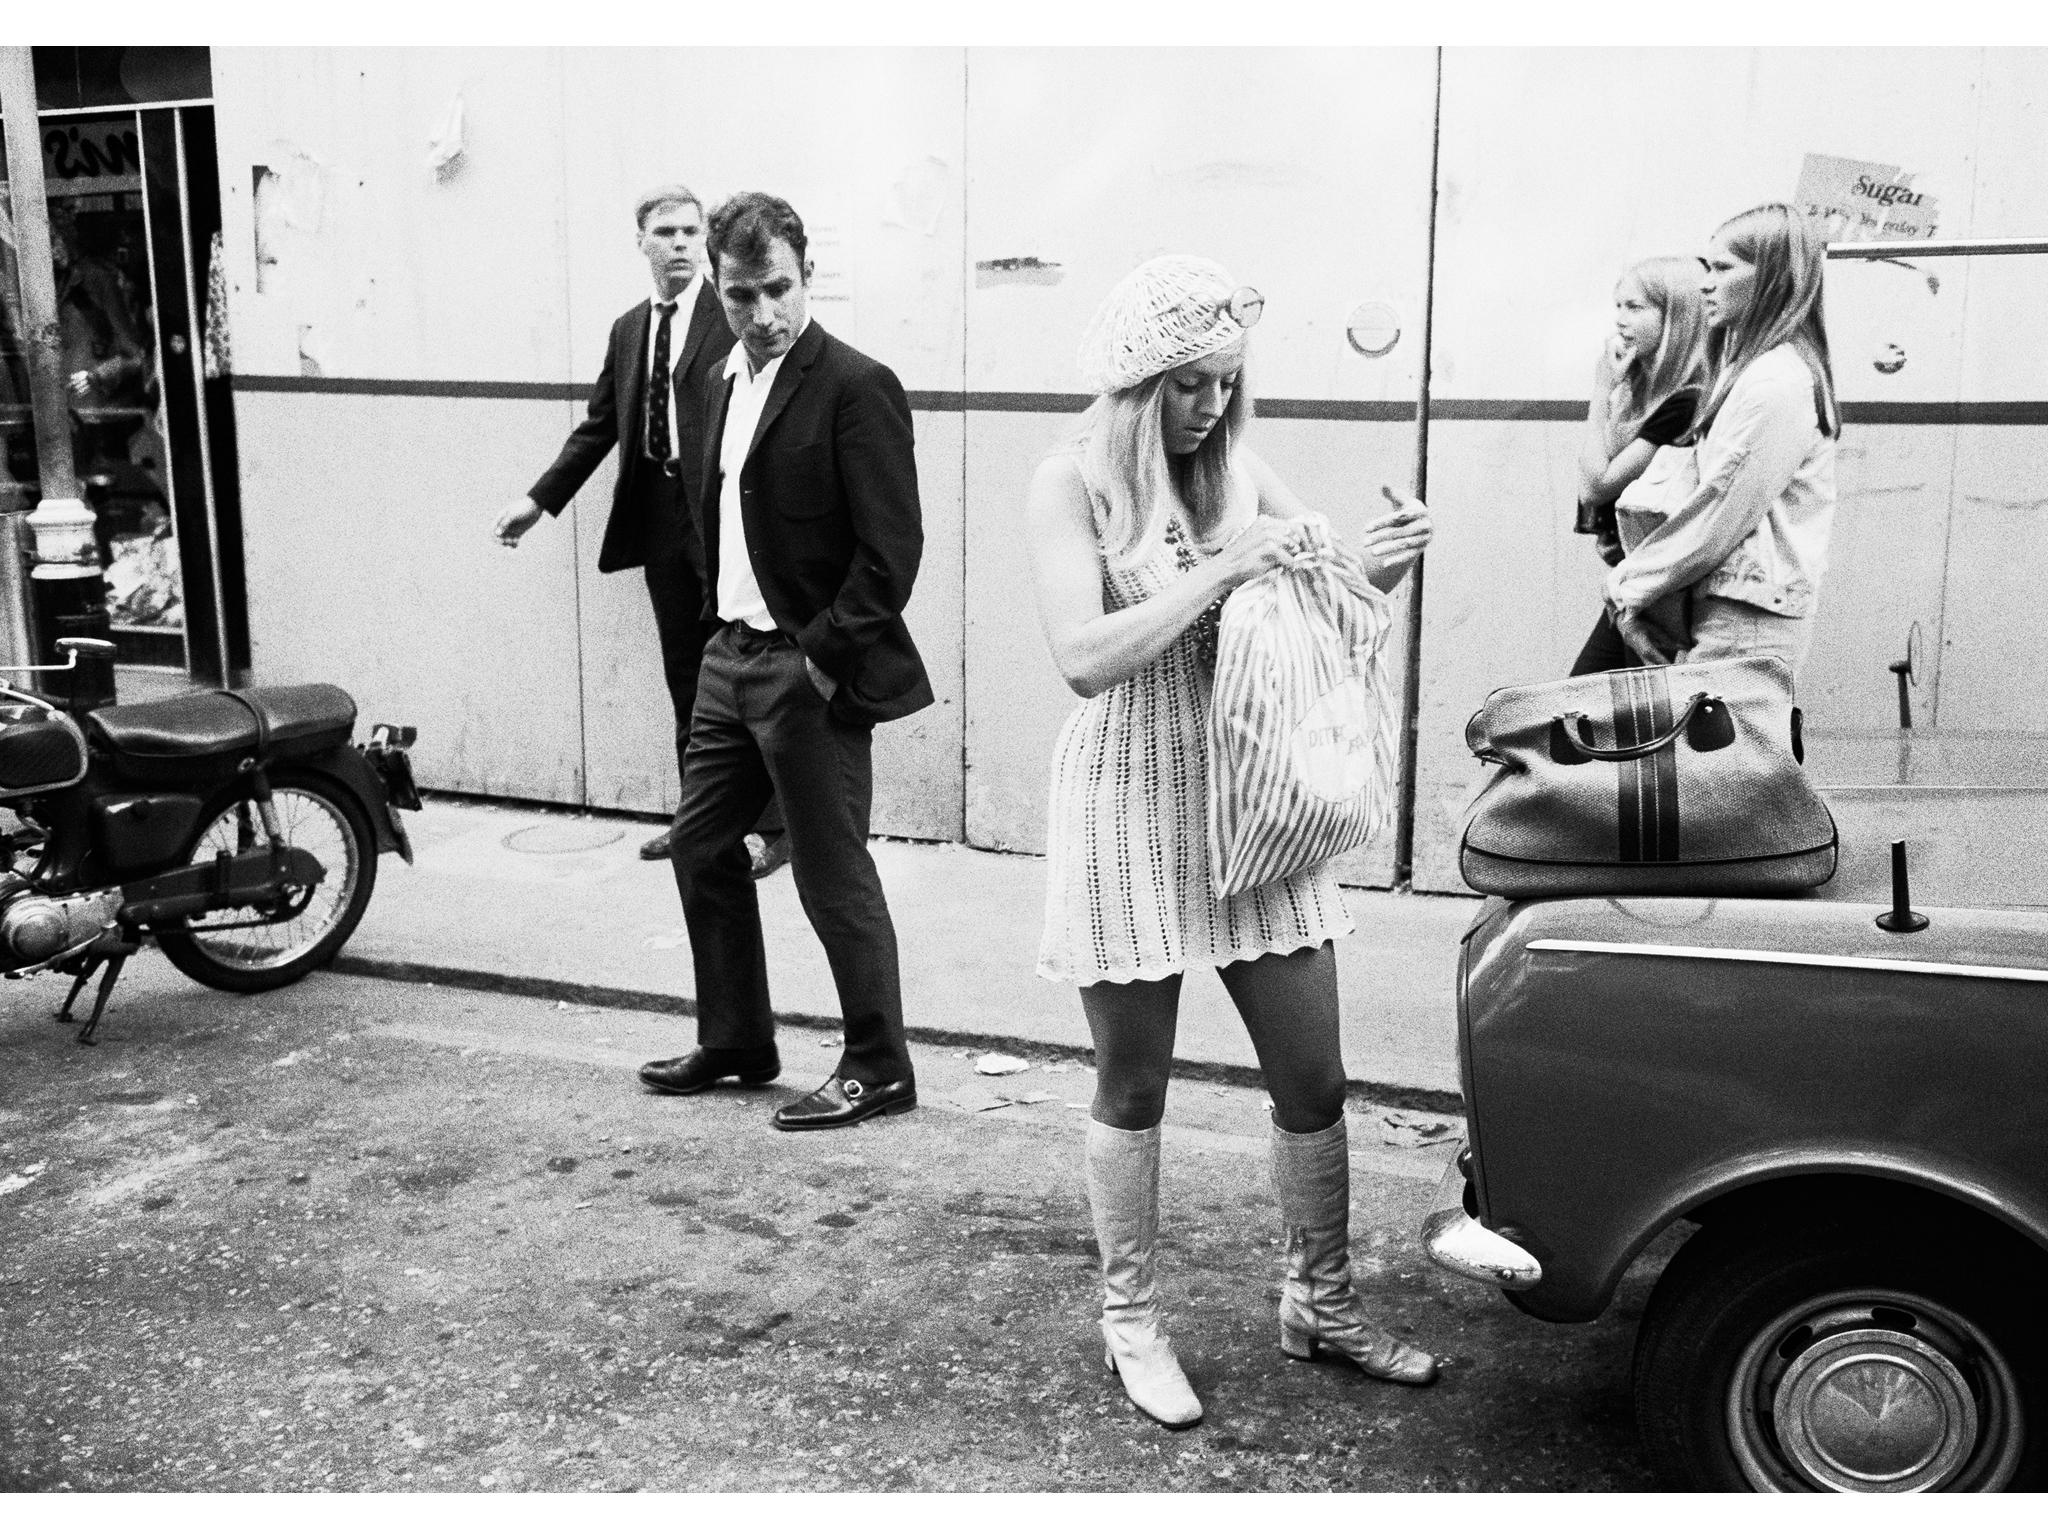 Best London photos: Tony Ray-Jones: from Portobello series, 1960s. © Tony Ray-Jones / National Media Museum / Science & Society Picture Library